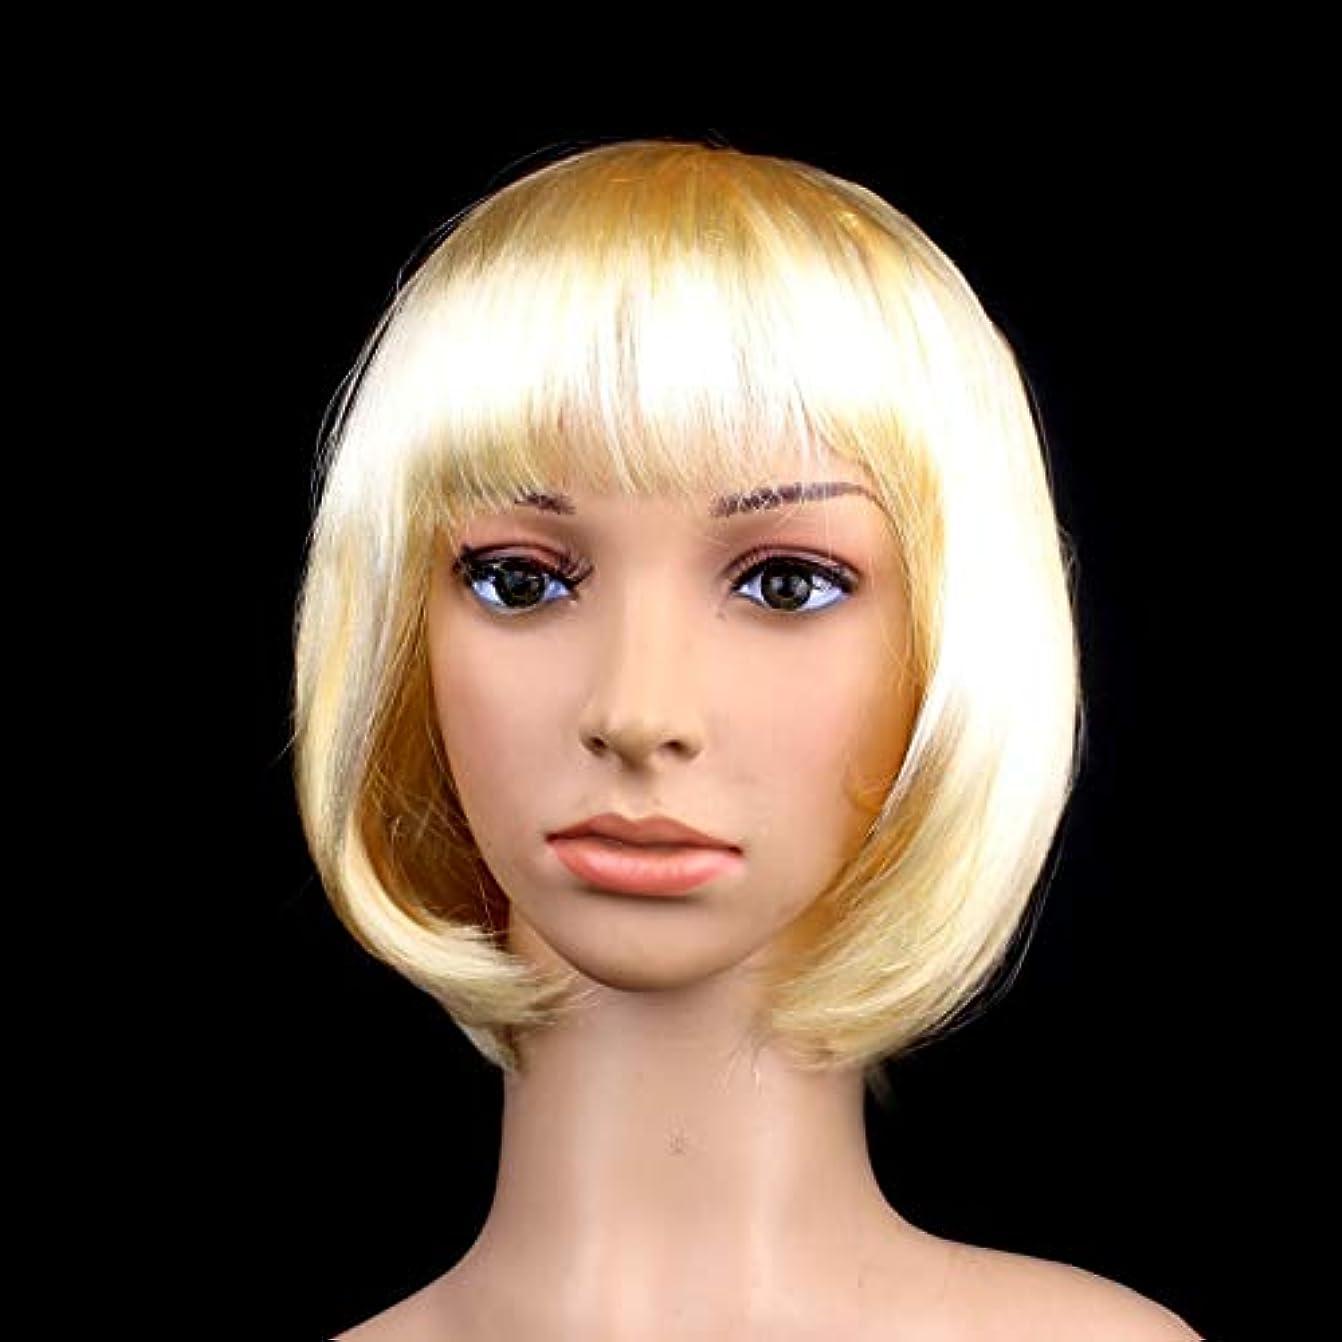 ローズ洗剤トロリーWTYD 美容ヘアツール パーティーコスプレヘッドウエアストレートショートペットウィッグ (色 : Gold)